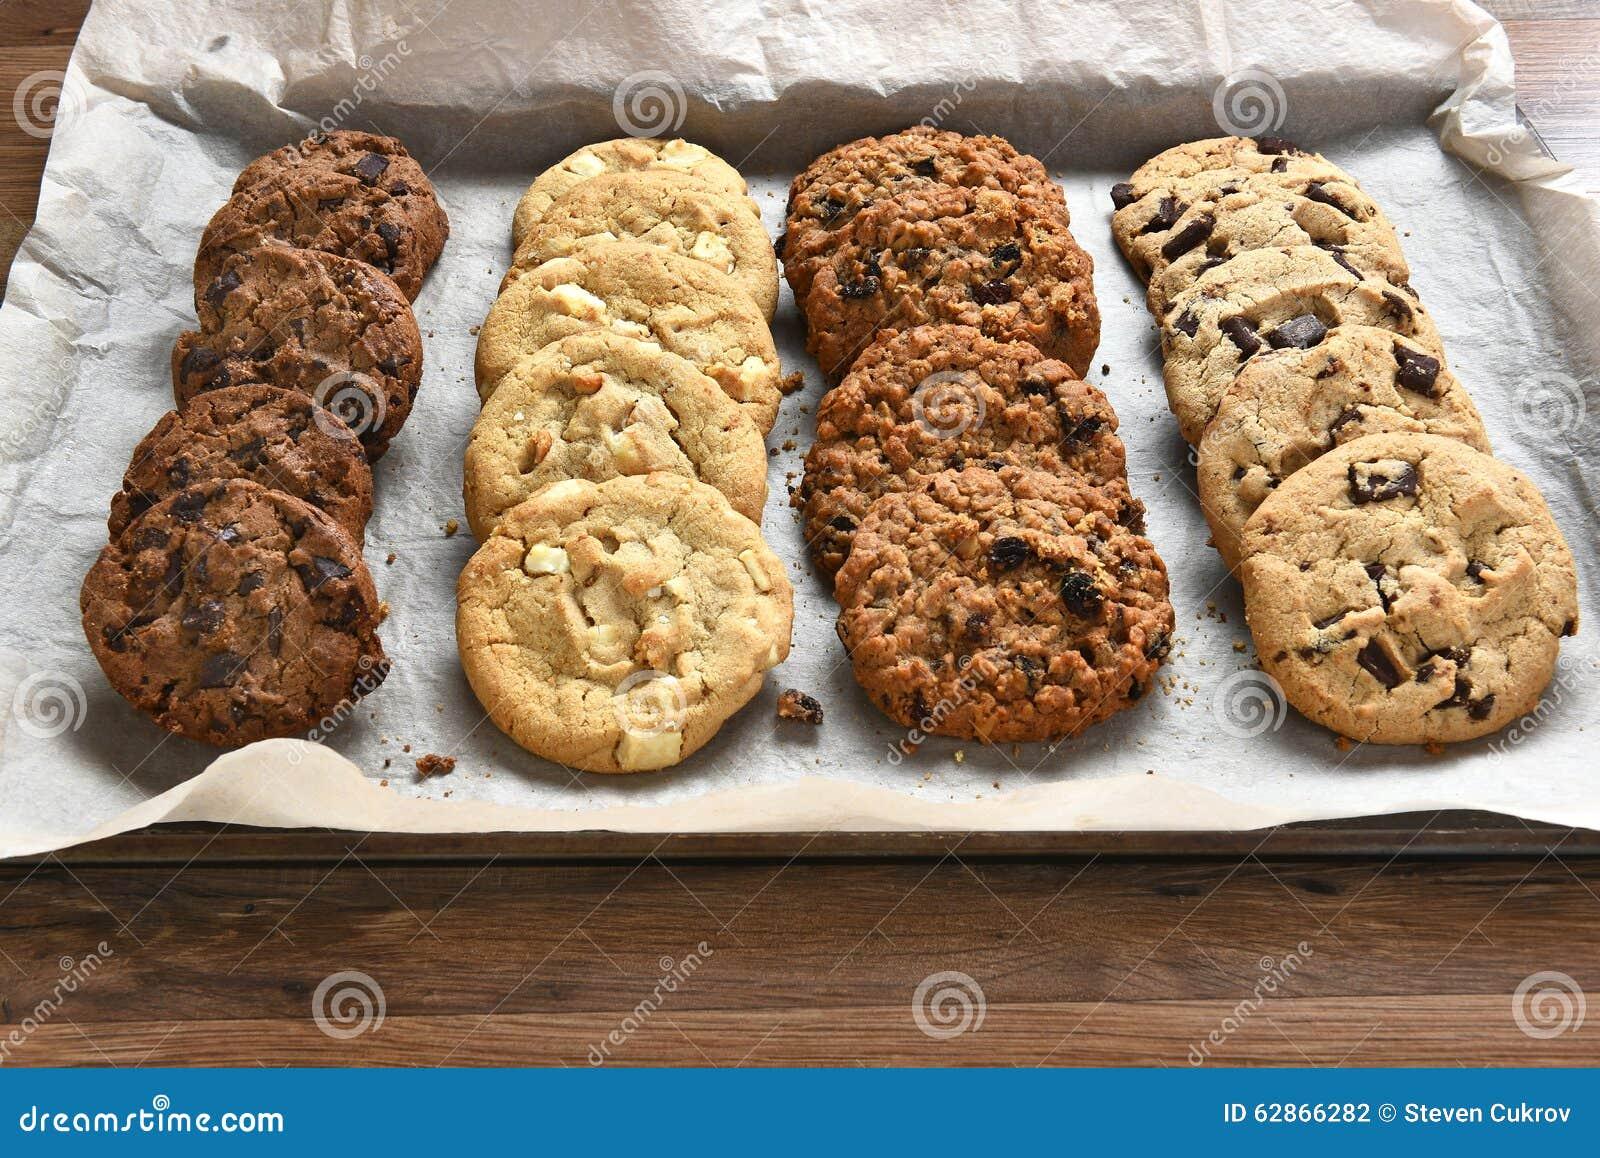 Magasin av nya bakade kakor